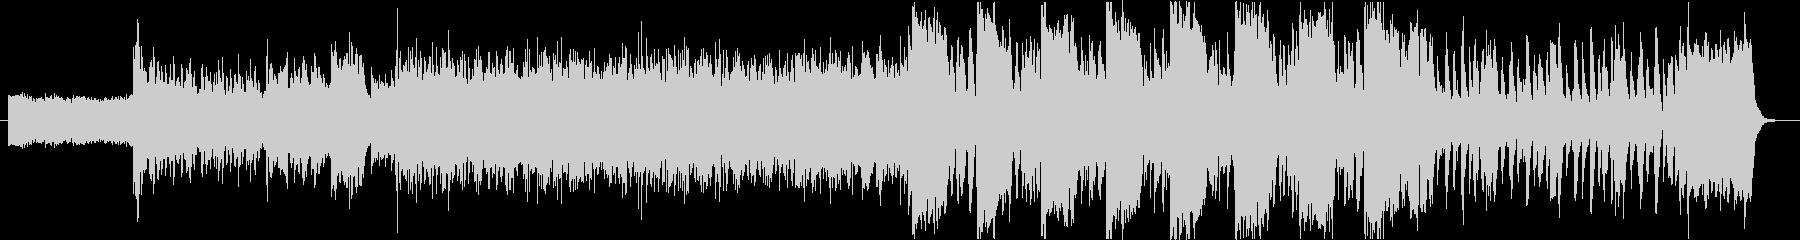 EDM系の緊迫した空気の曲の未再生の波形